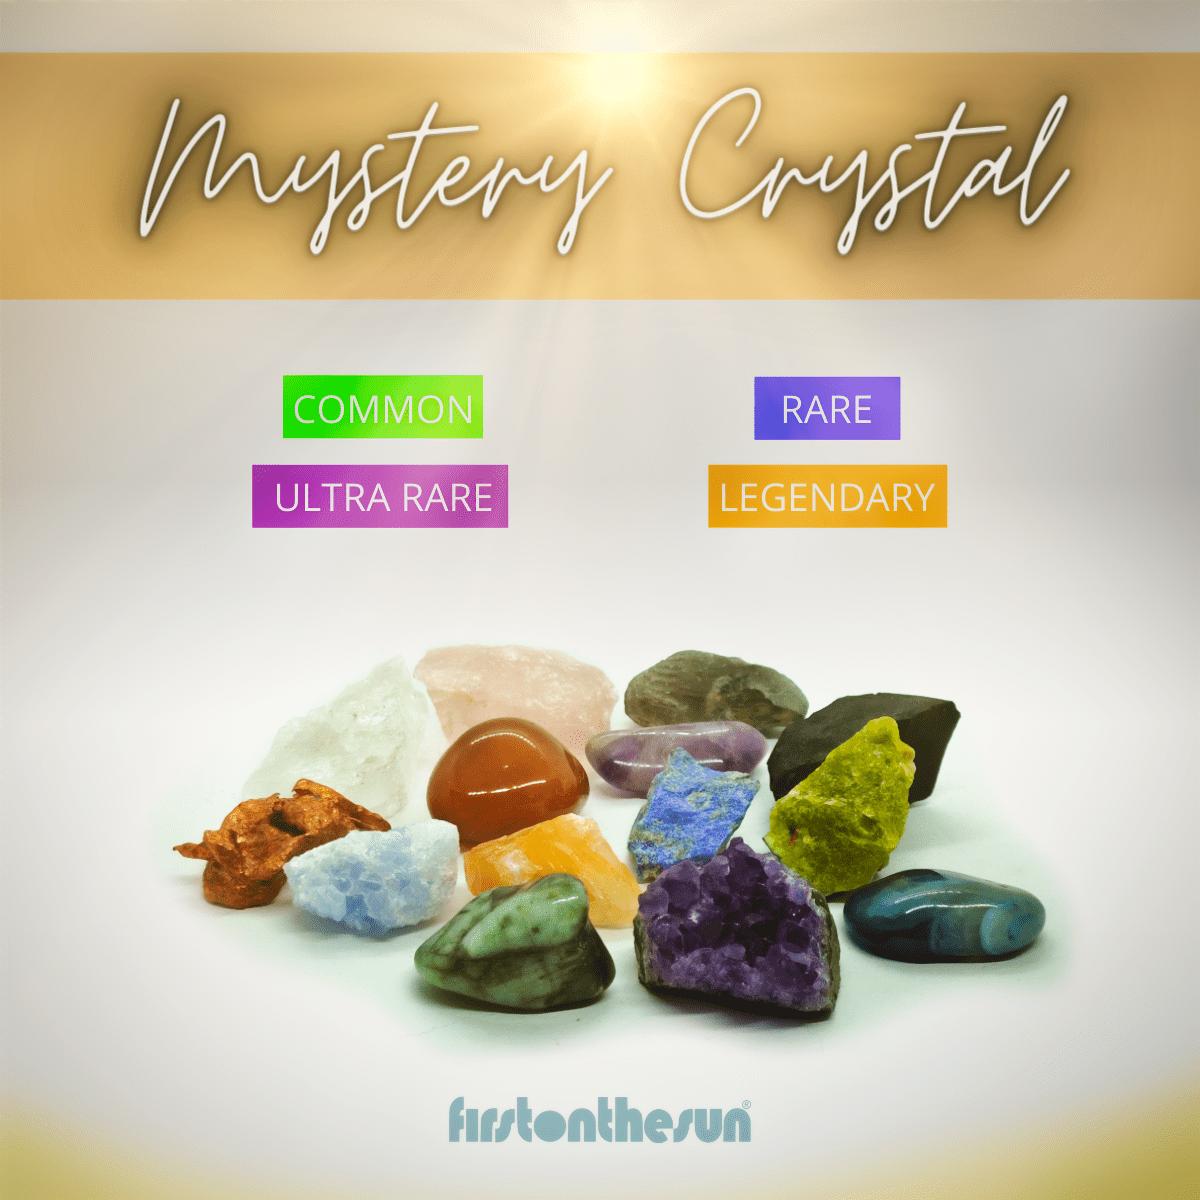 Eine Auflistung einiger zufälliger Mystery Crystals Edelsteine mit Seltenheitstabelle